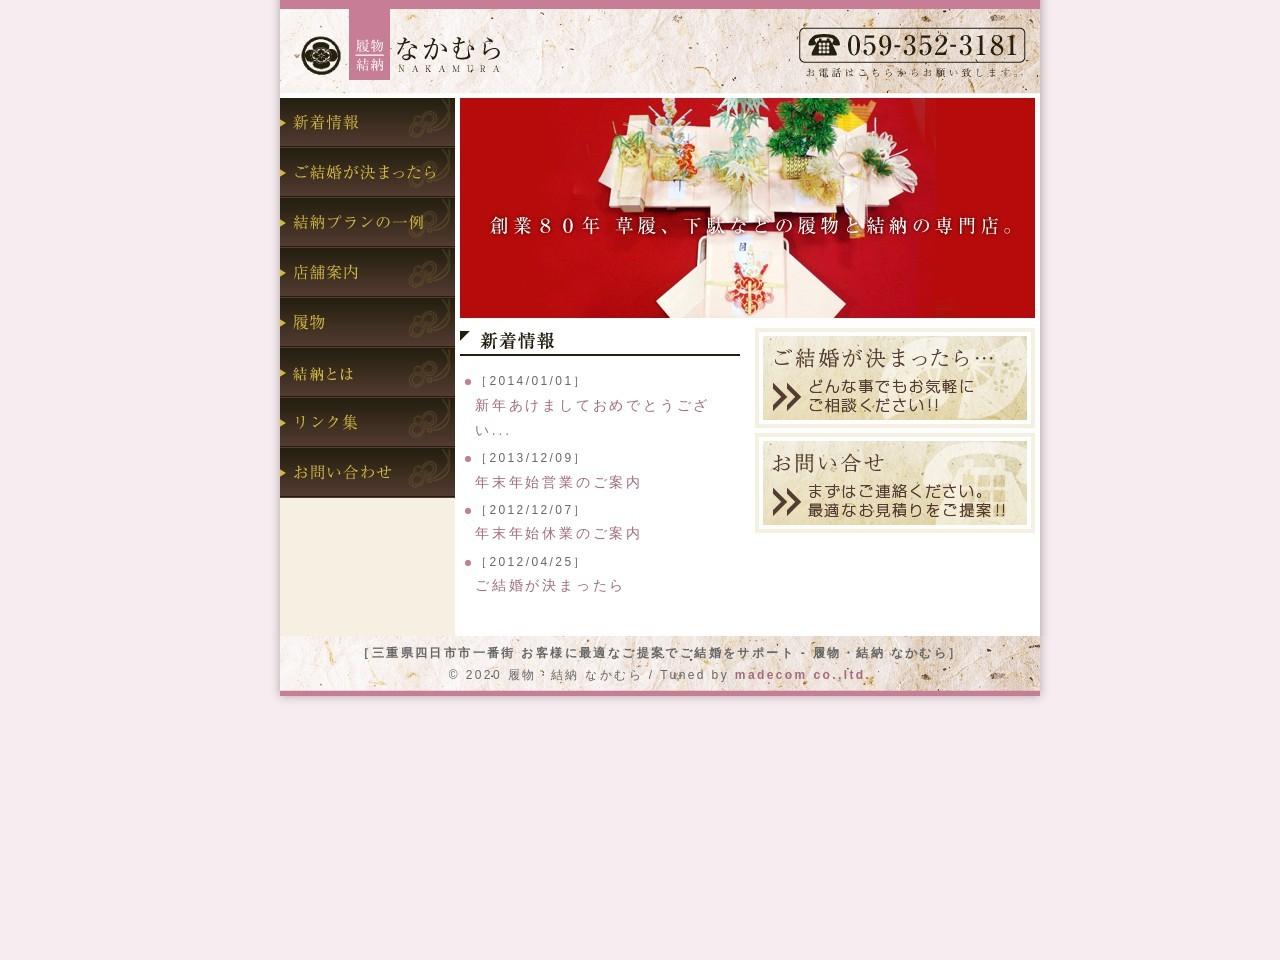 履物・結納 なかむら | 三重県四日市市一番街 お客様に最適なご提案でご結婚をサポート